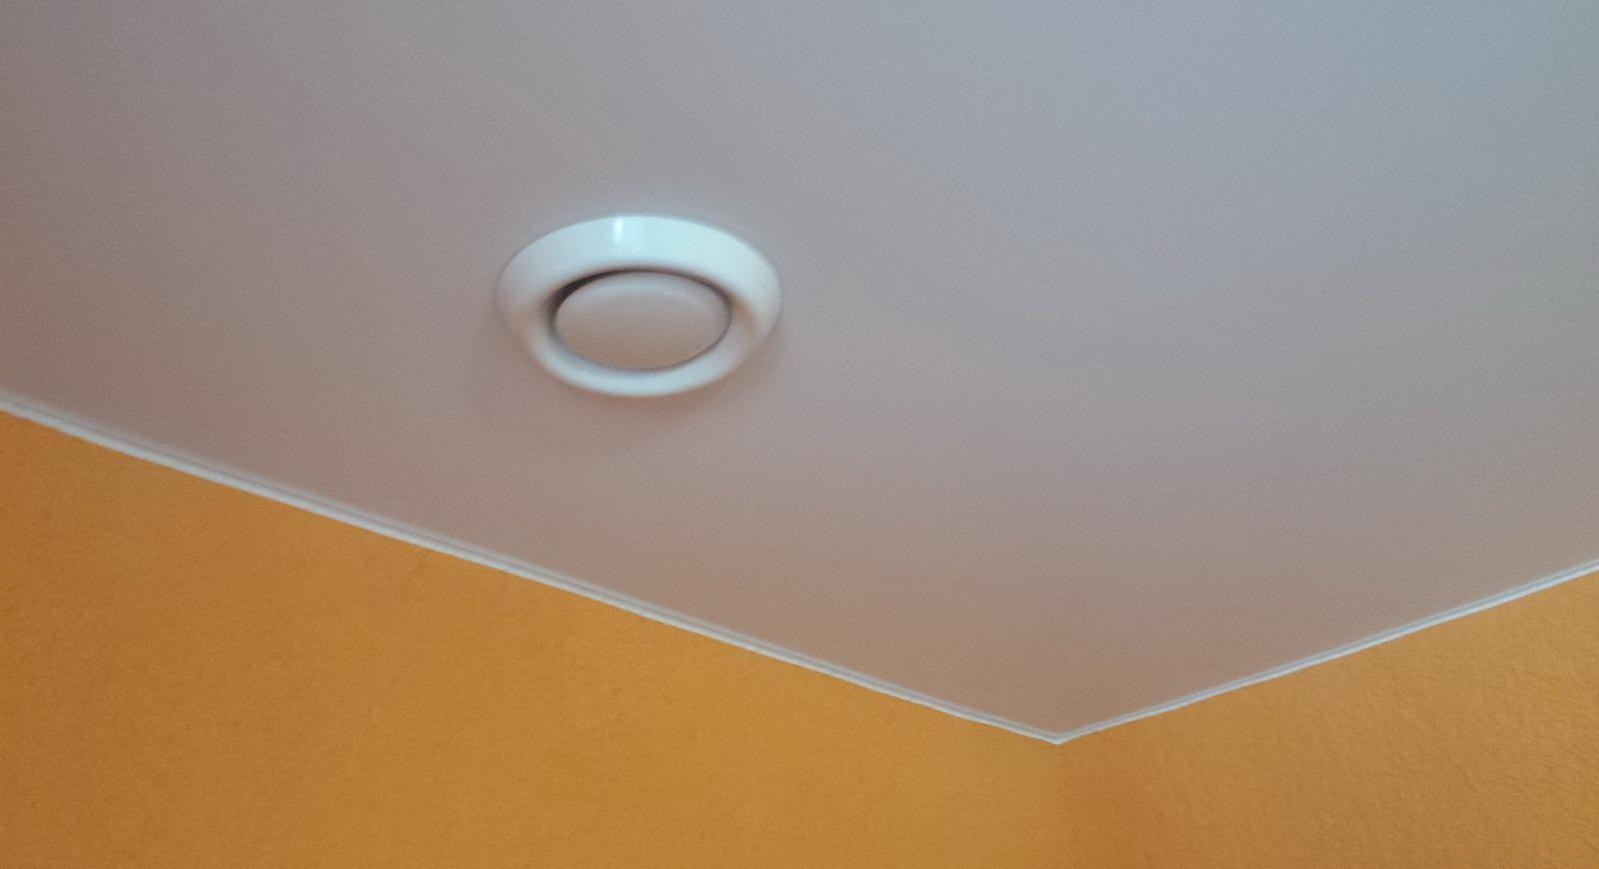 Потолочная вентиляция: принцип работы